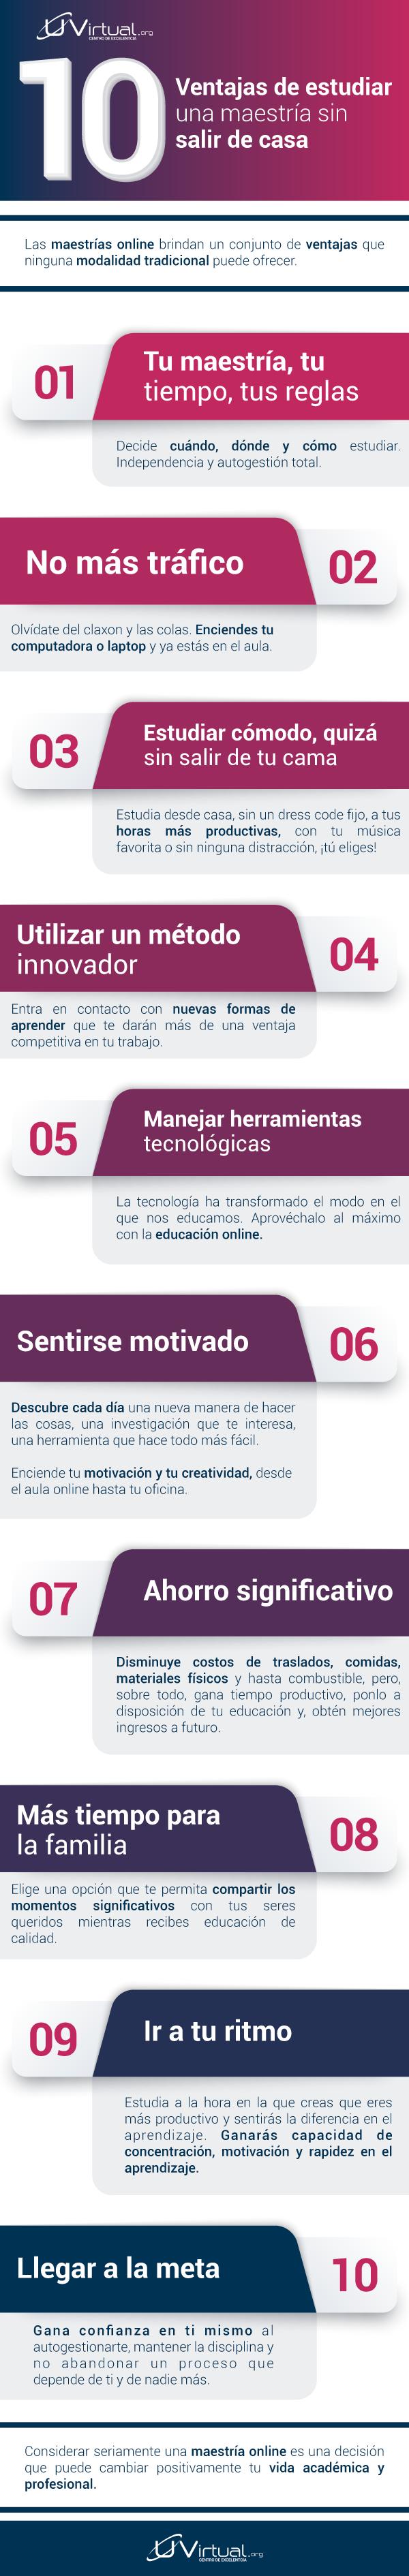 INFOGRAFIA-U-VIRTUAL-Estas son las 10 ventajas de estudiar una maestría online sin moverte de tu casa.png